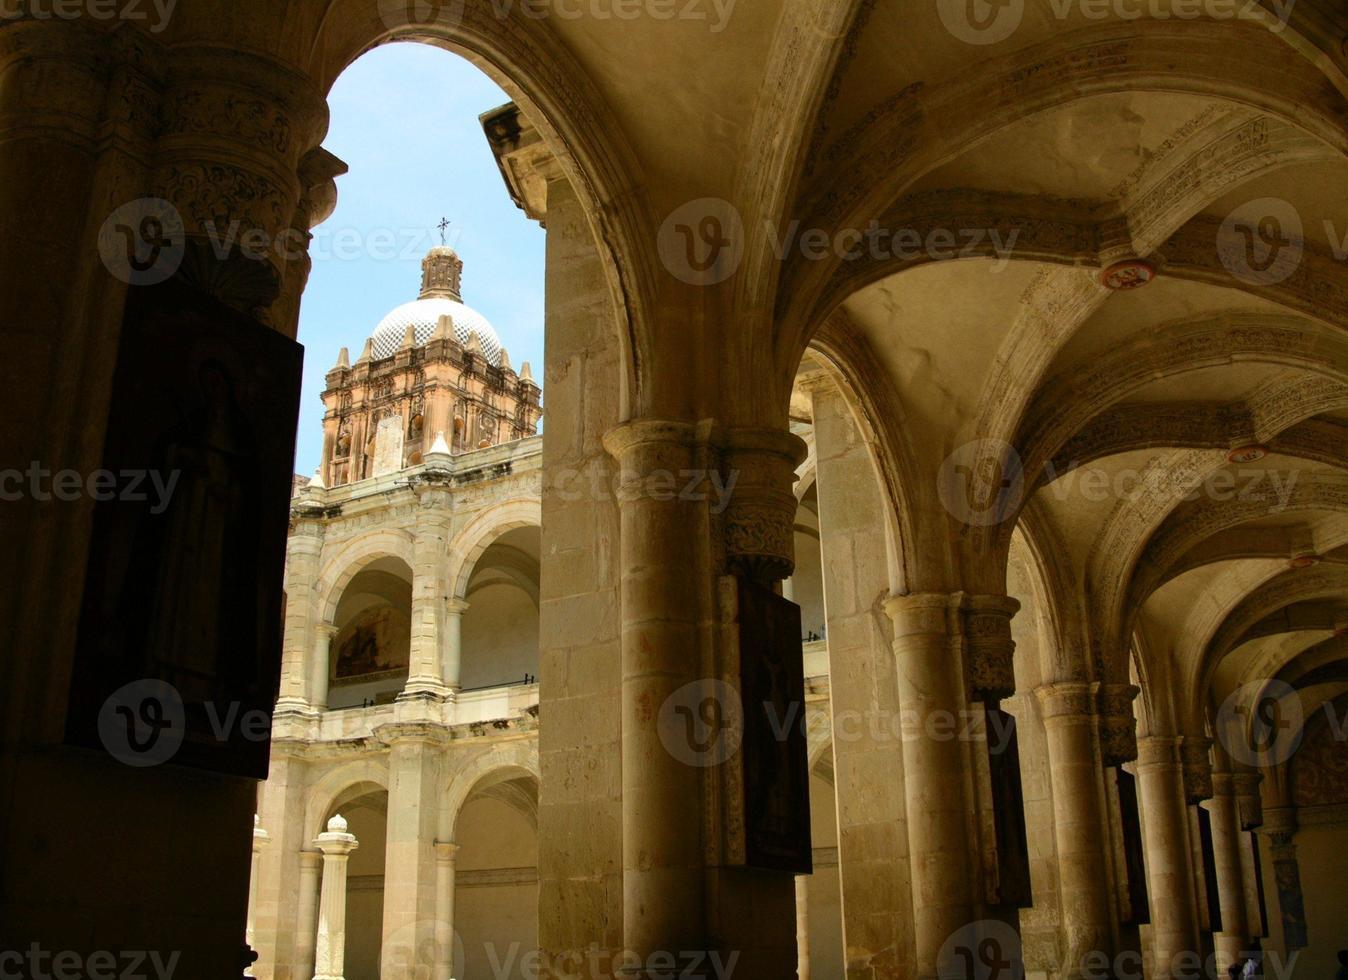 gotico coloniale foto